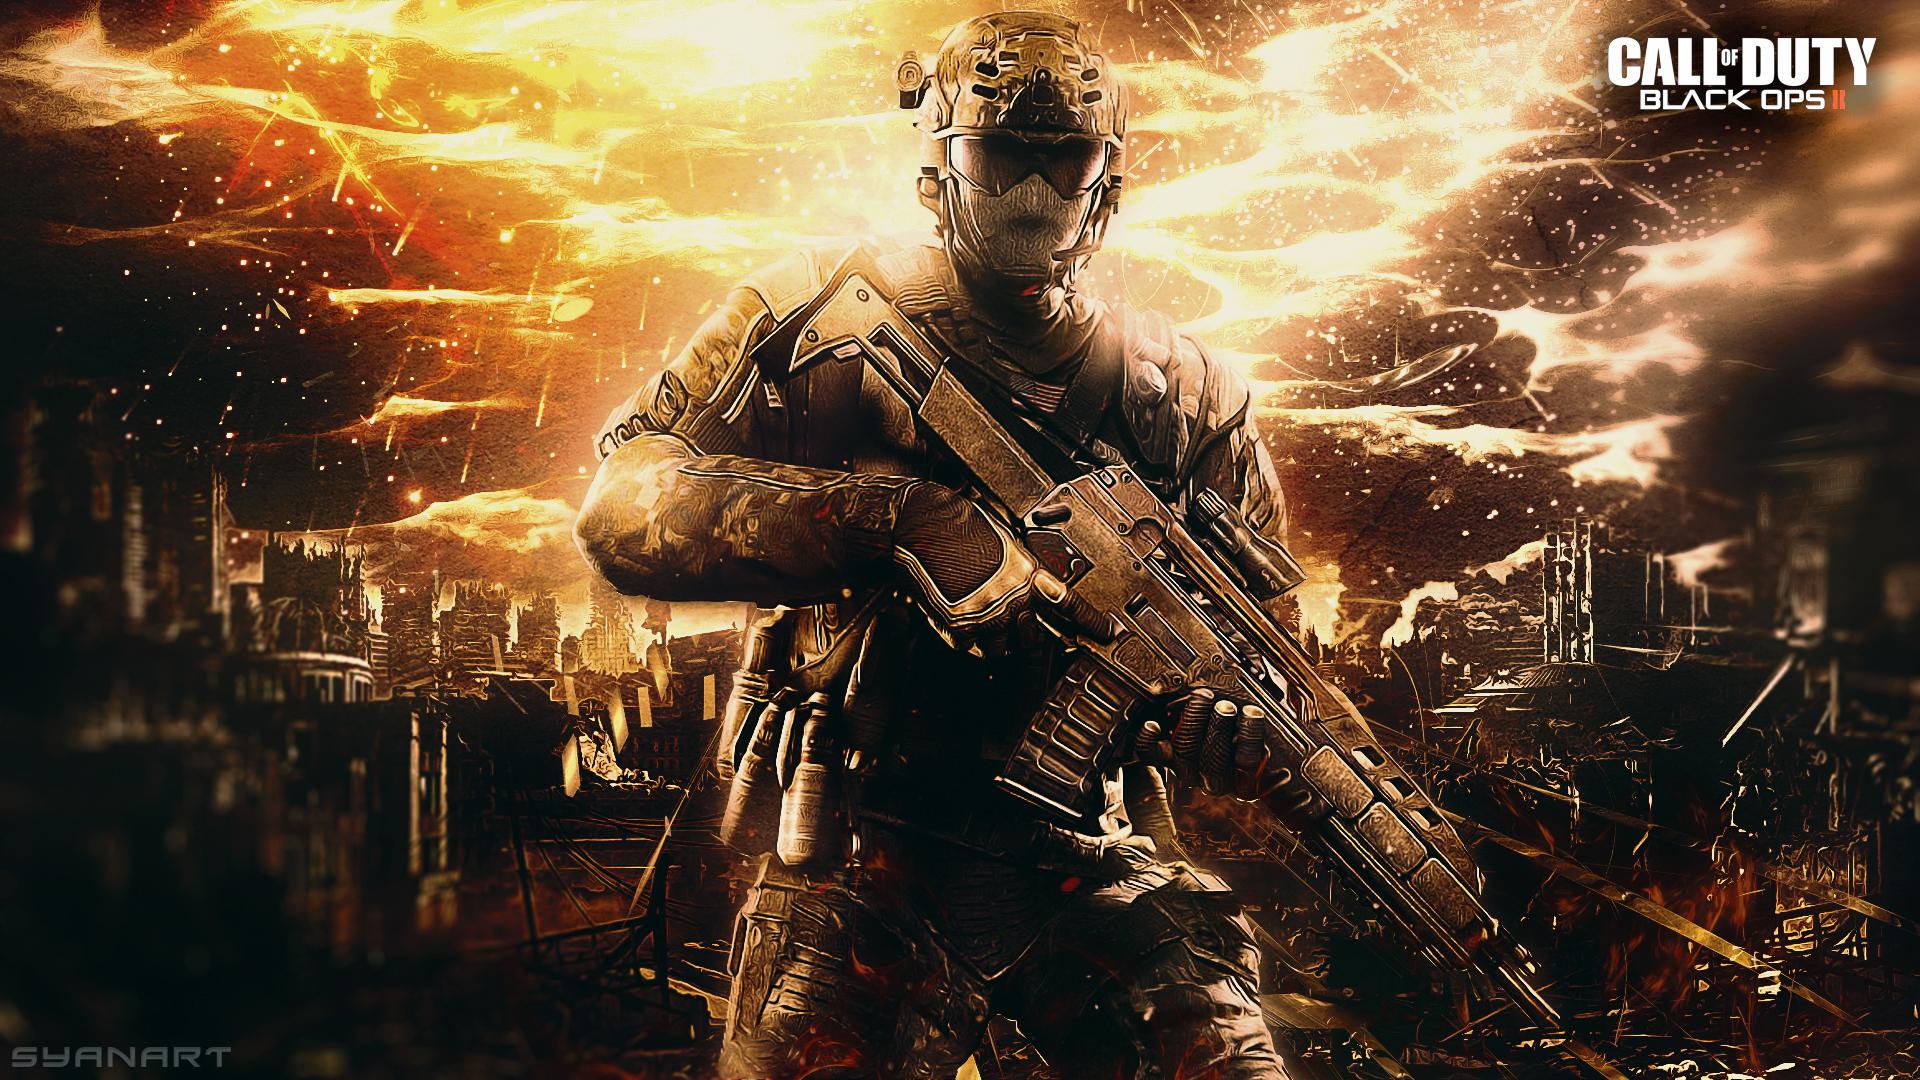 Fondo de pantalla syanart exclusive gaming content call of duty blackops2 warfare wallpaper voltagebd Image collections